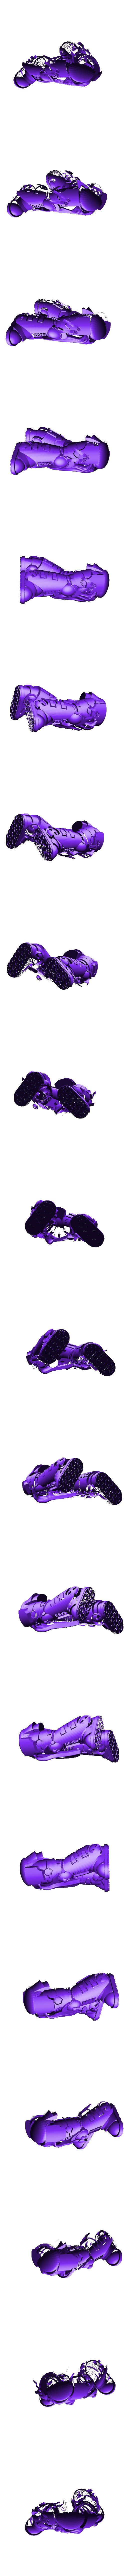 Legs 4.stl Télécharger fichier STL gratuit L'équipe des Chevaliers gris Primaris • Modèle pour imprimante 3D, joeldawson93